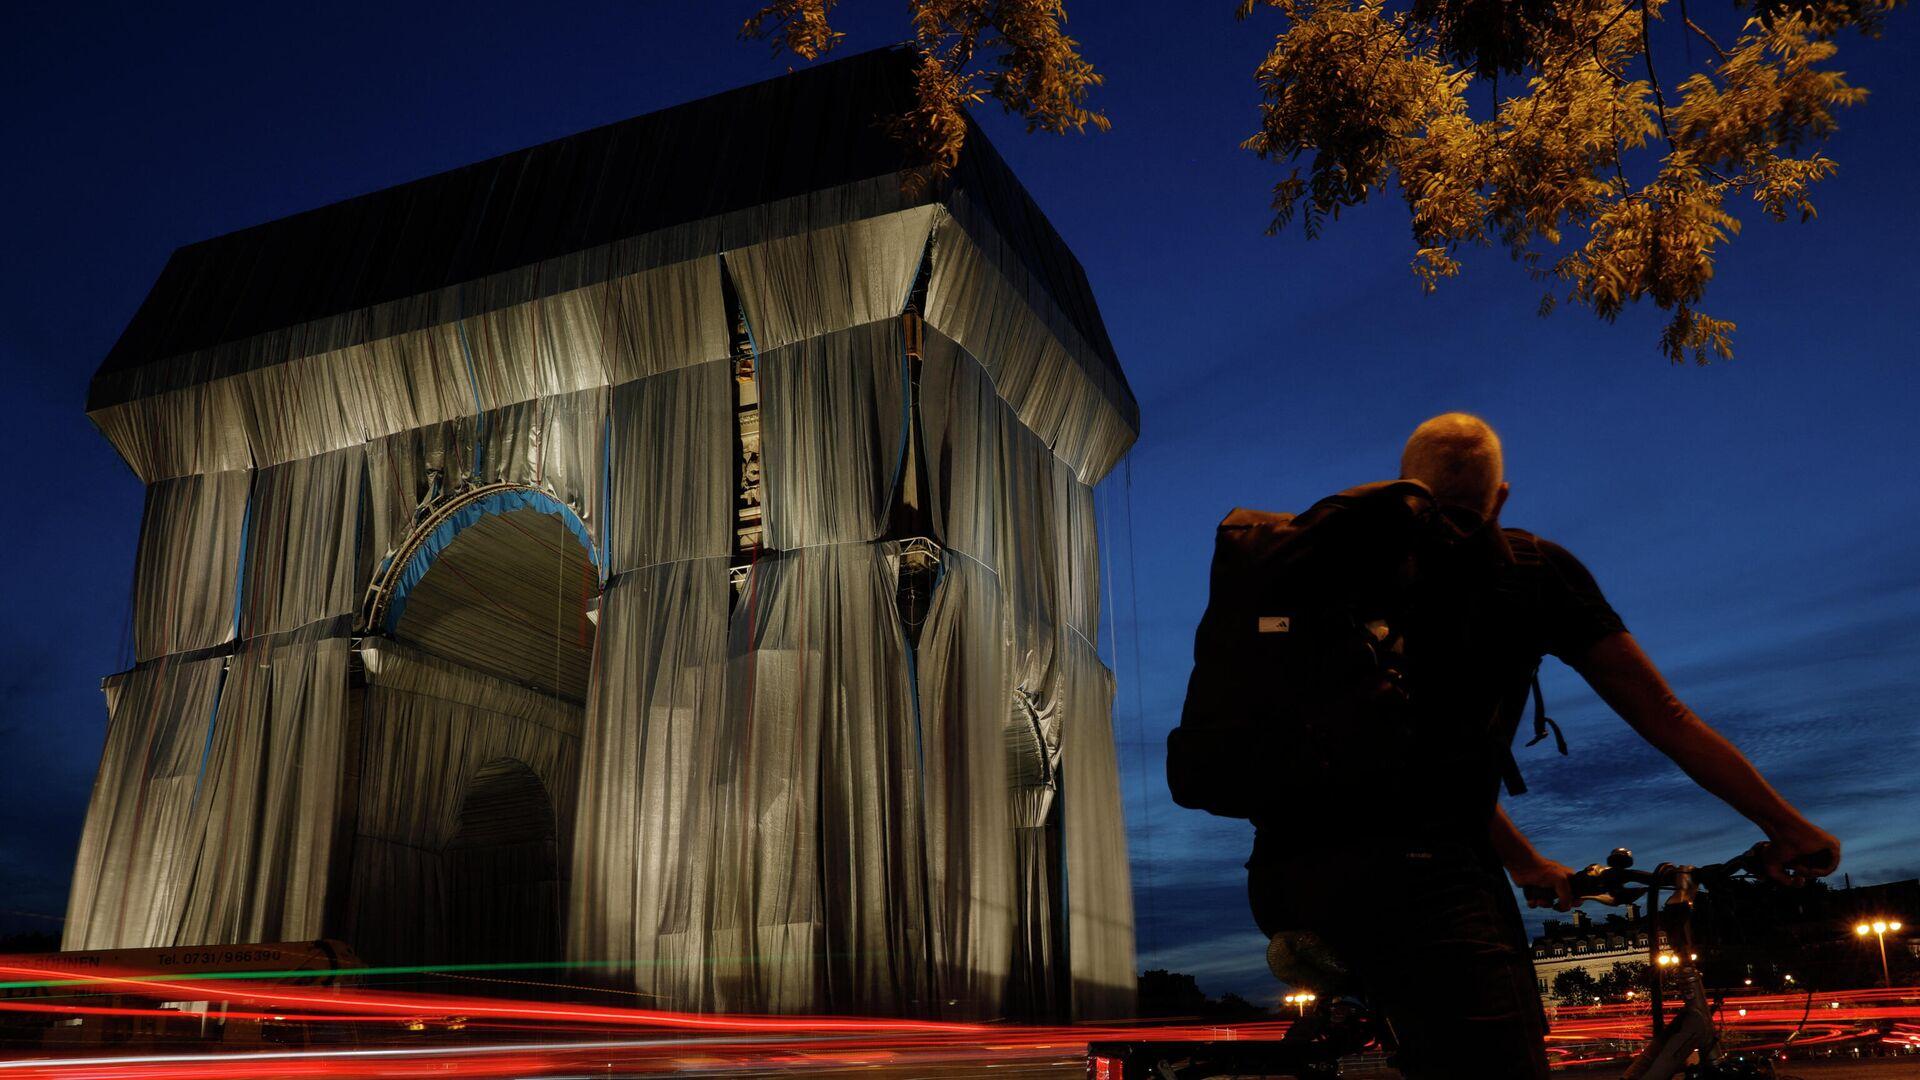 Триумфальную арку в Париже, обернутая в серебристо-синюю ткань по проекту, созданному покойным художником Христо - РИА Новости, 1920, 14.09.2021